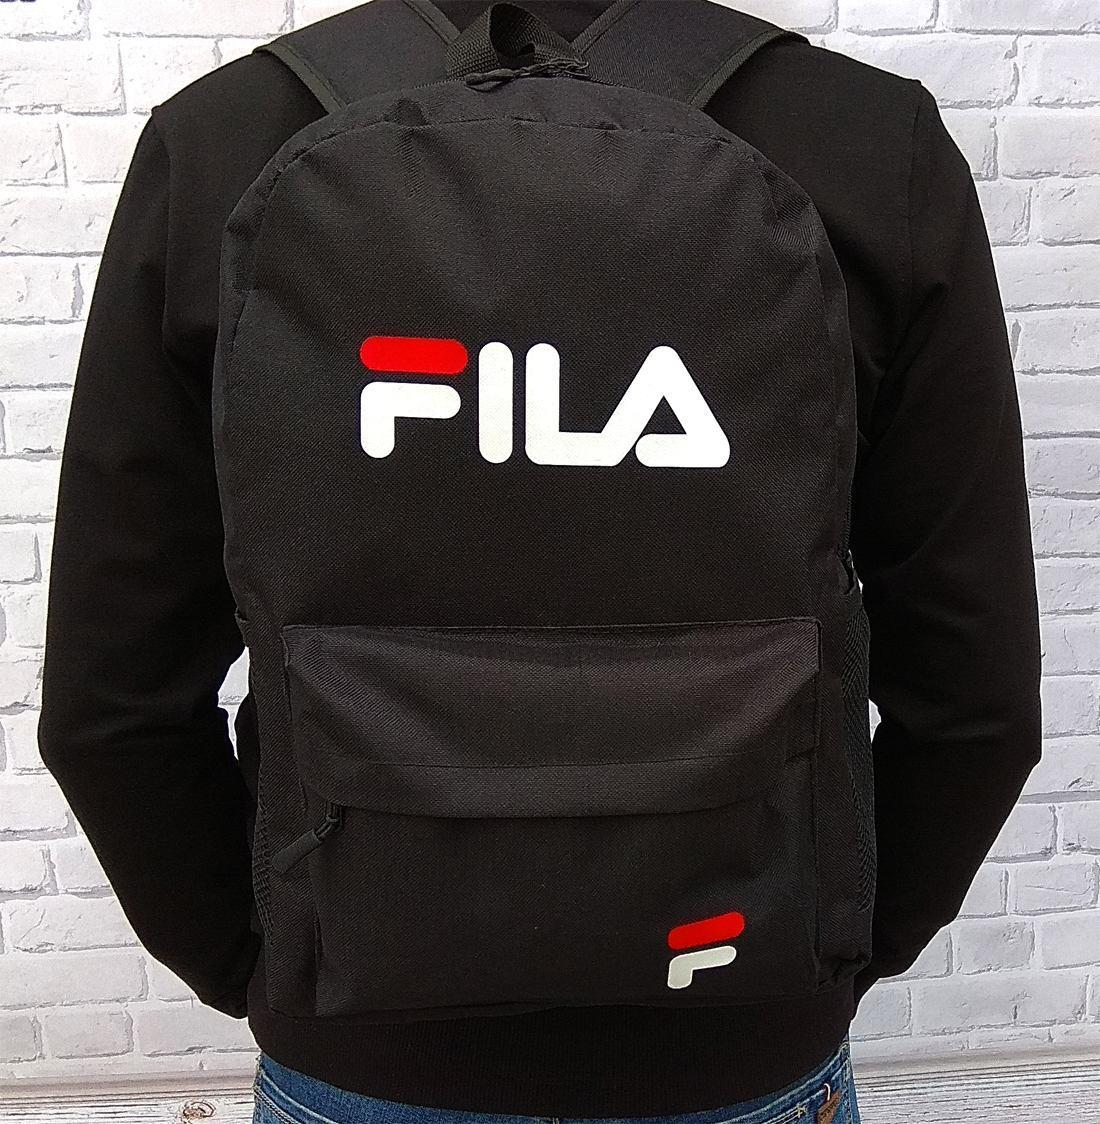 ХІТ! Молодіжний місткий рюкзак FILA, філа. Чорний / F 01